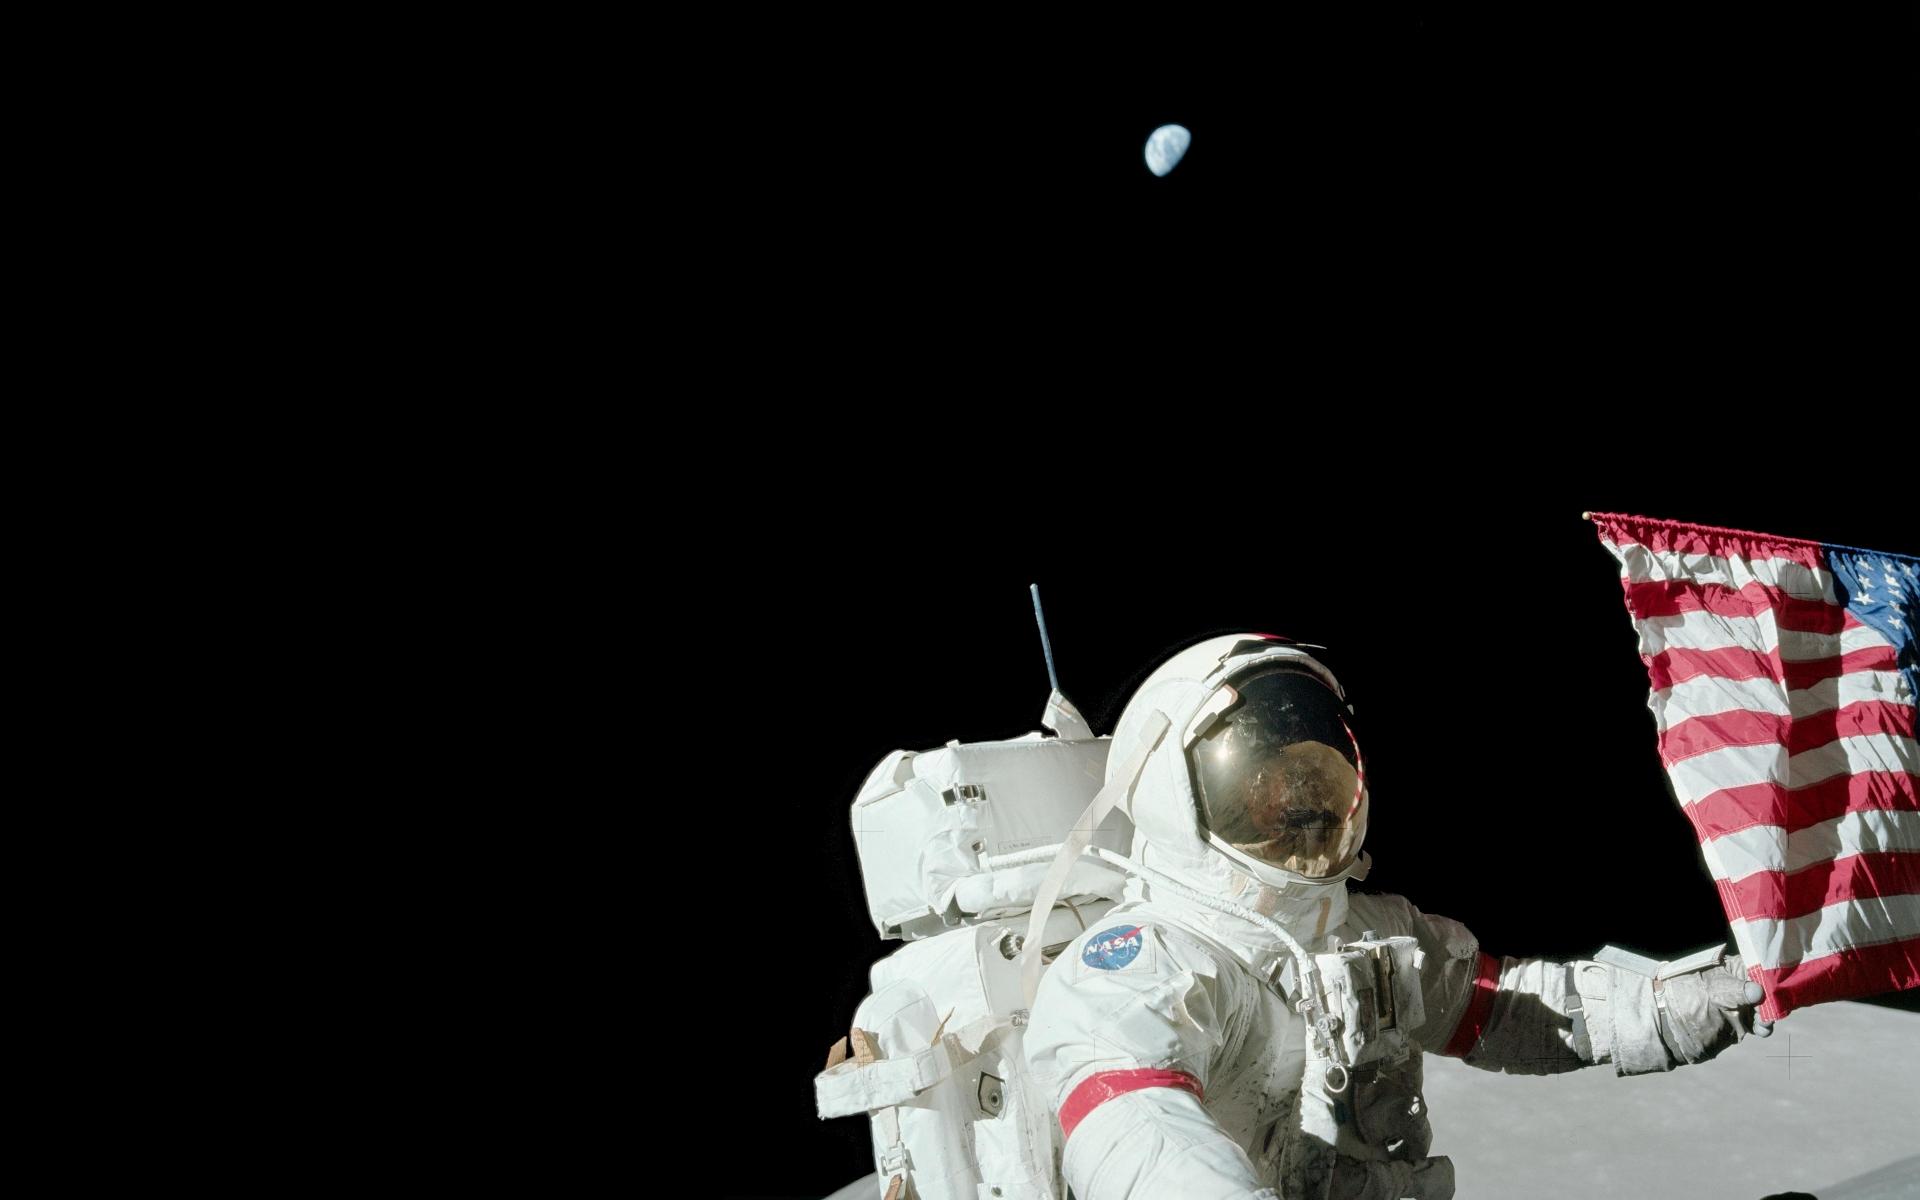 nasa astronauts on the moon - photo #33